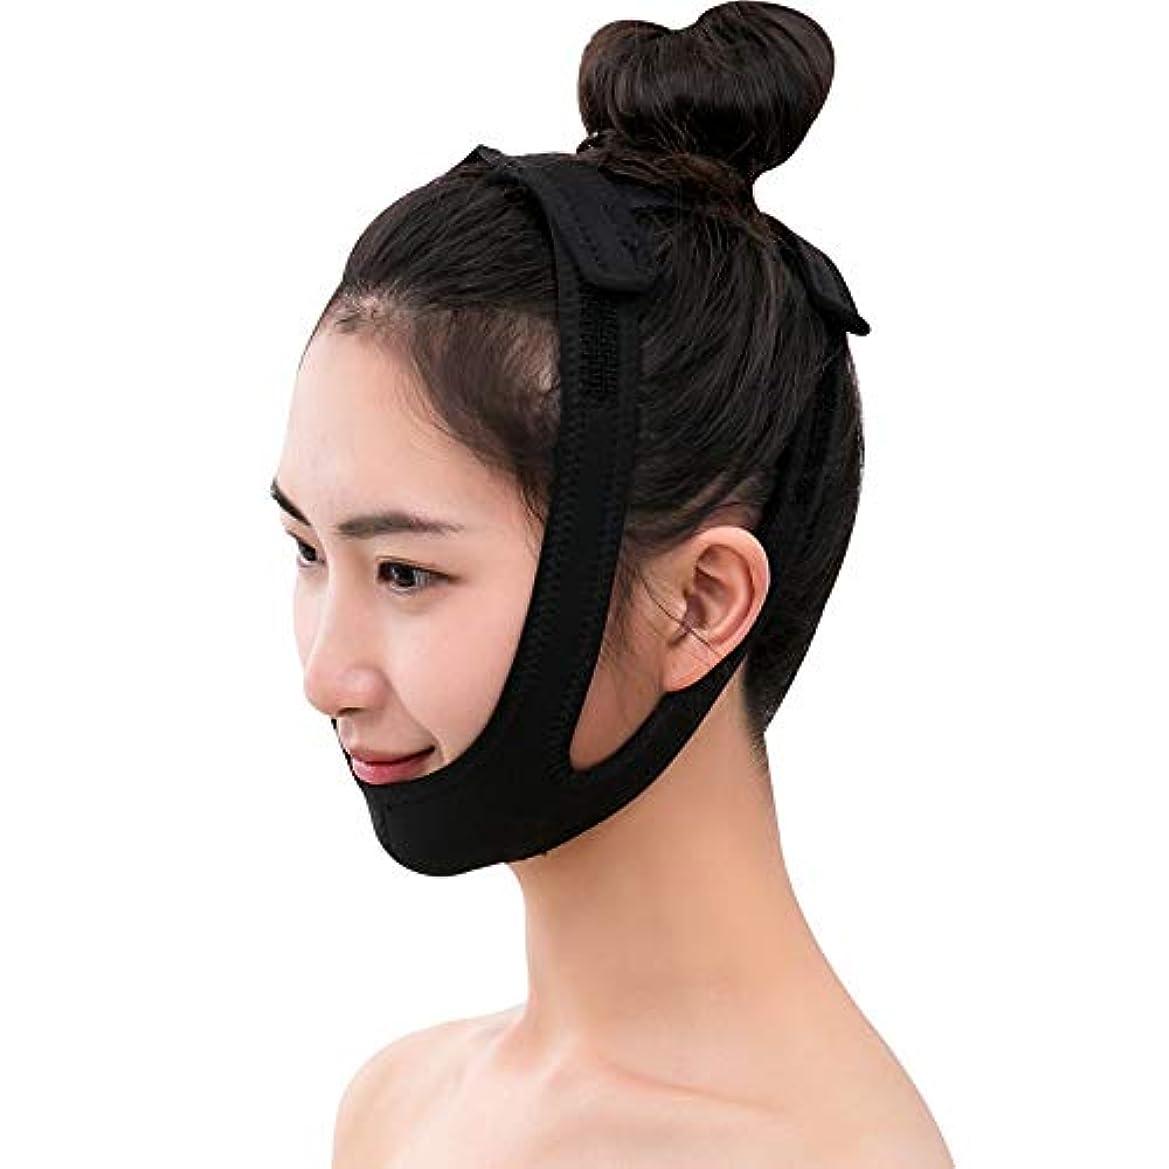 立方体沿って私たちフェイスリフティング包帯、Vフェイス睡眠フェイスマスク、整形と持ち上げ、ダブルチンストラップ